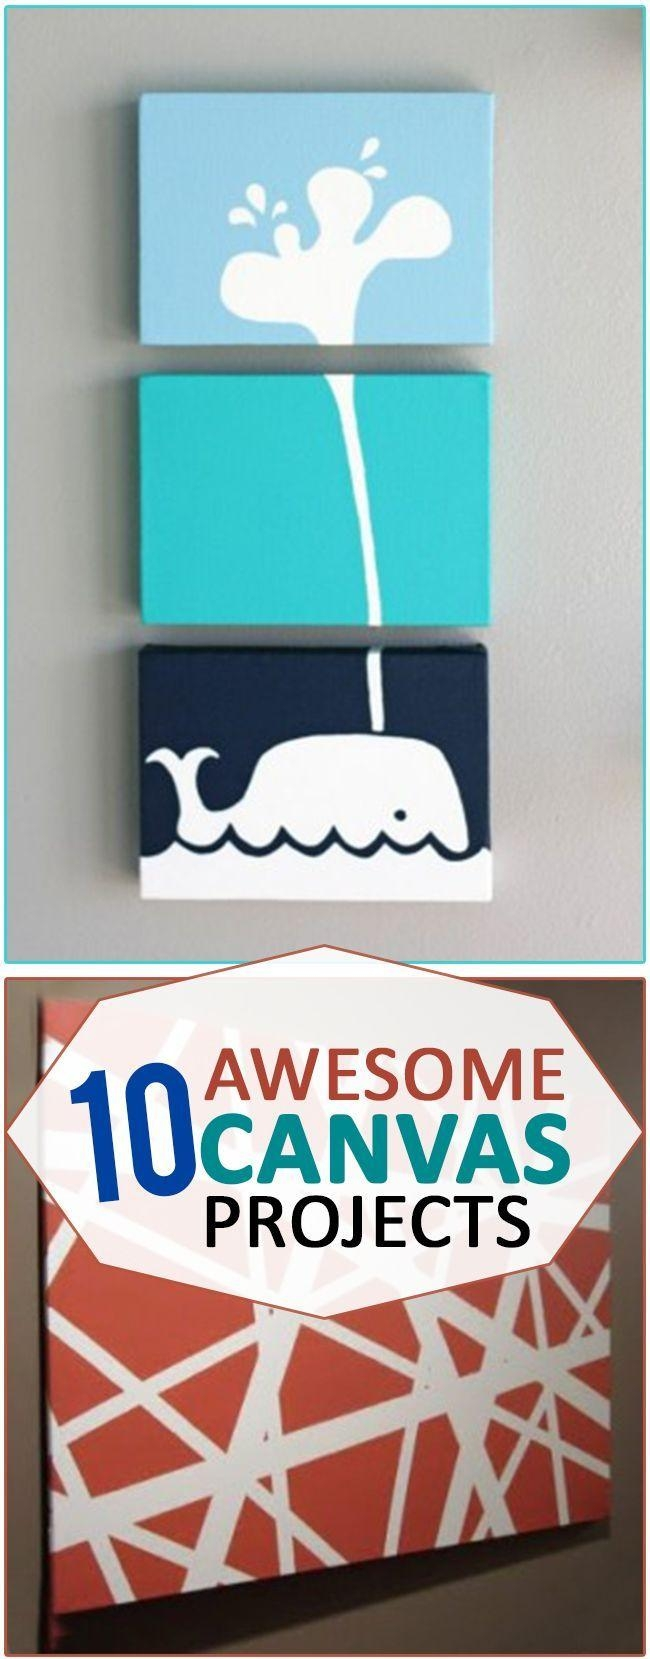 Best 25+ Diy Canvas Ideas On Pinterest | Diy Canvas Art, Puffy With Diy Pinterest Canvas Art (Image 15 of 20)